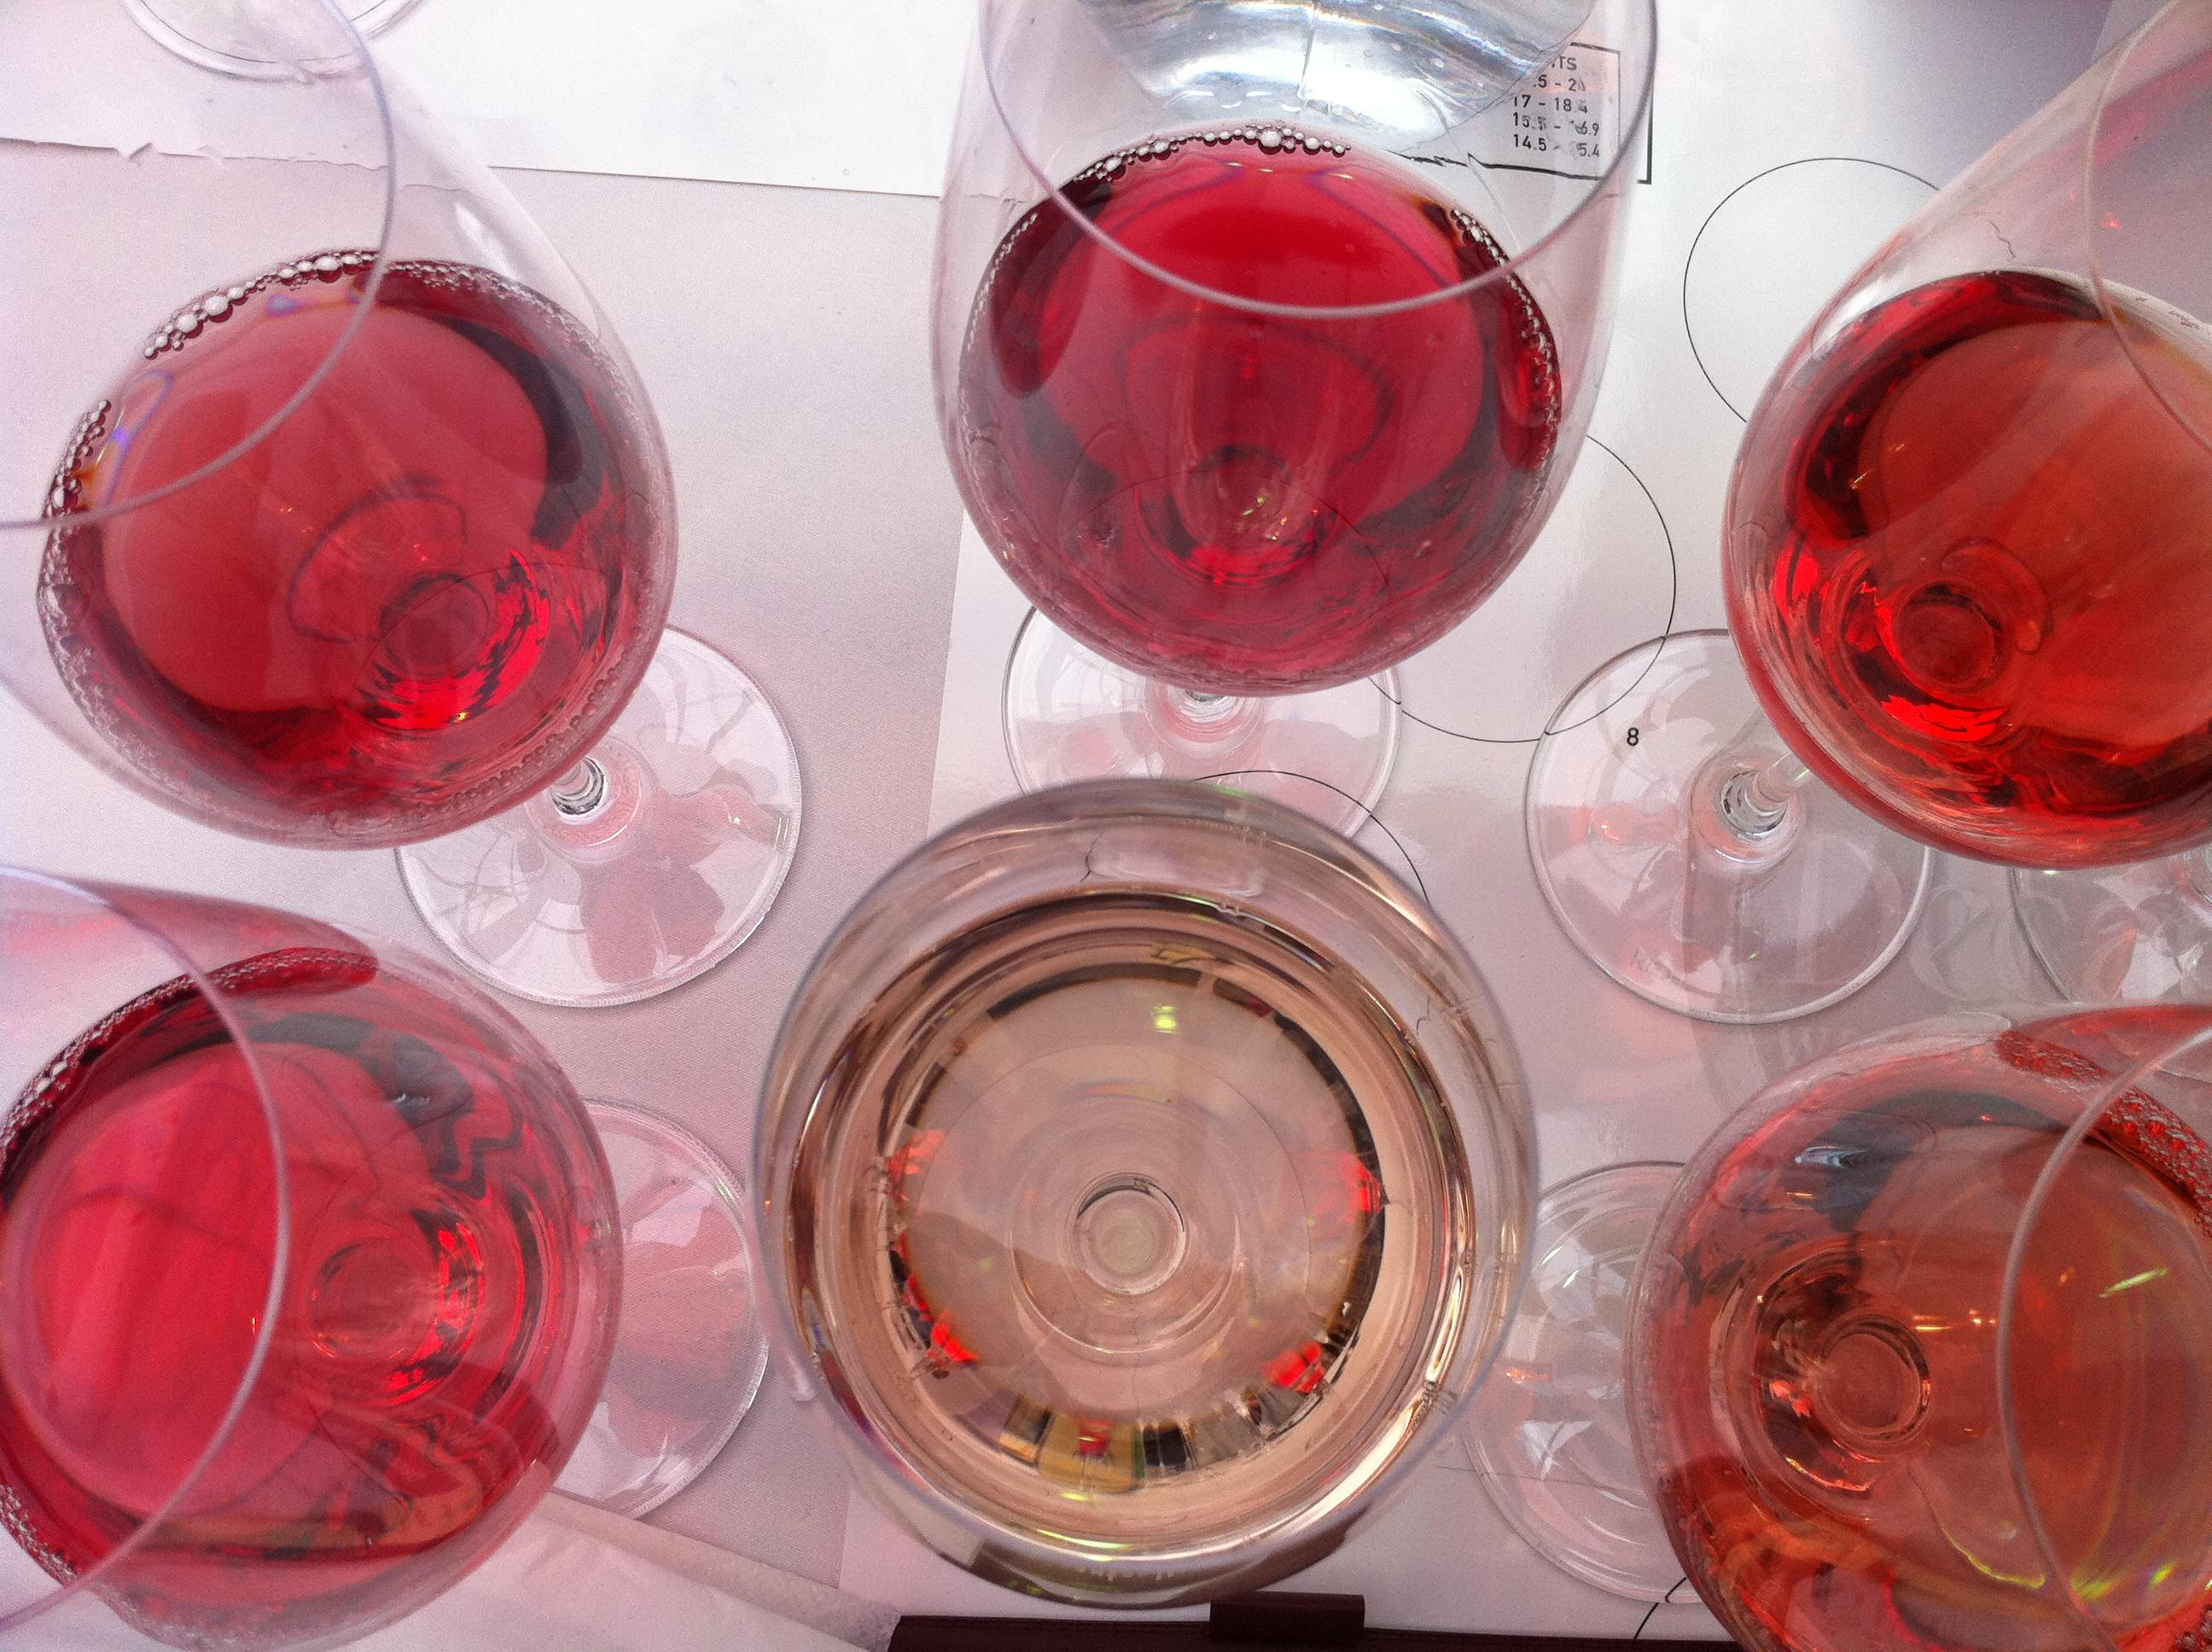 No hay quien entienda los colores del vino